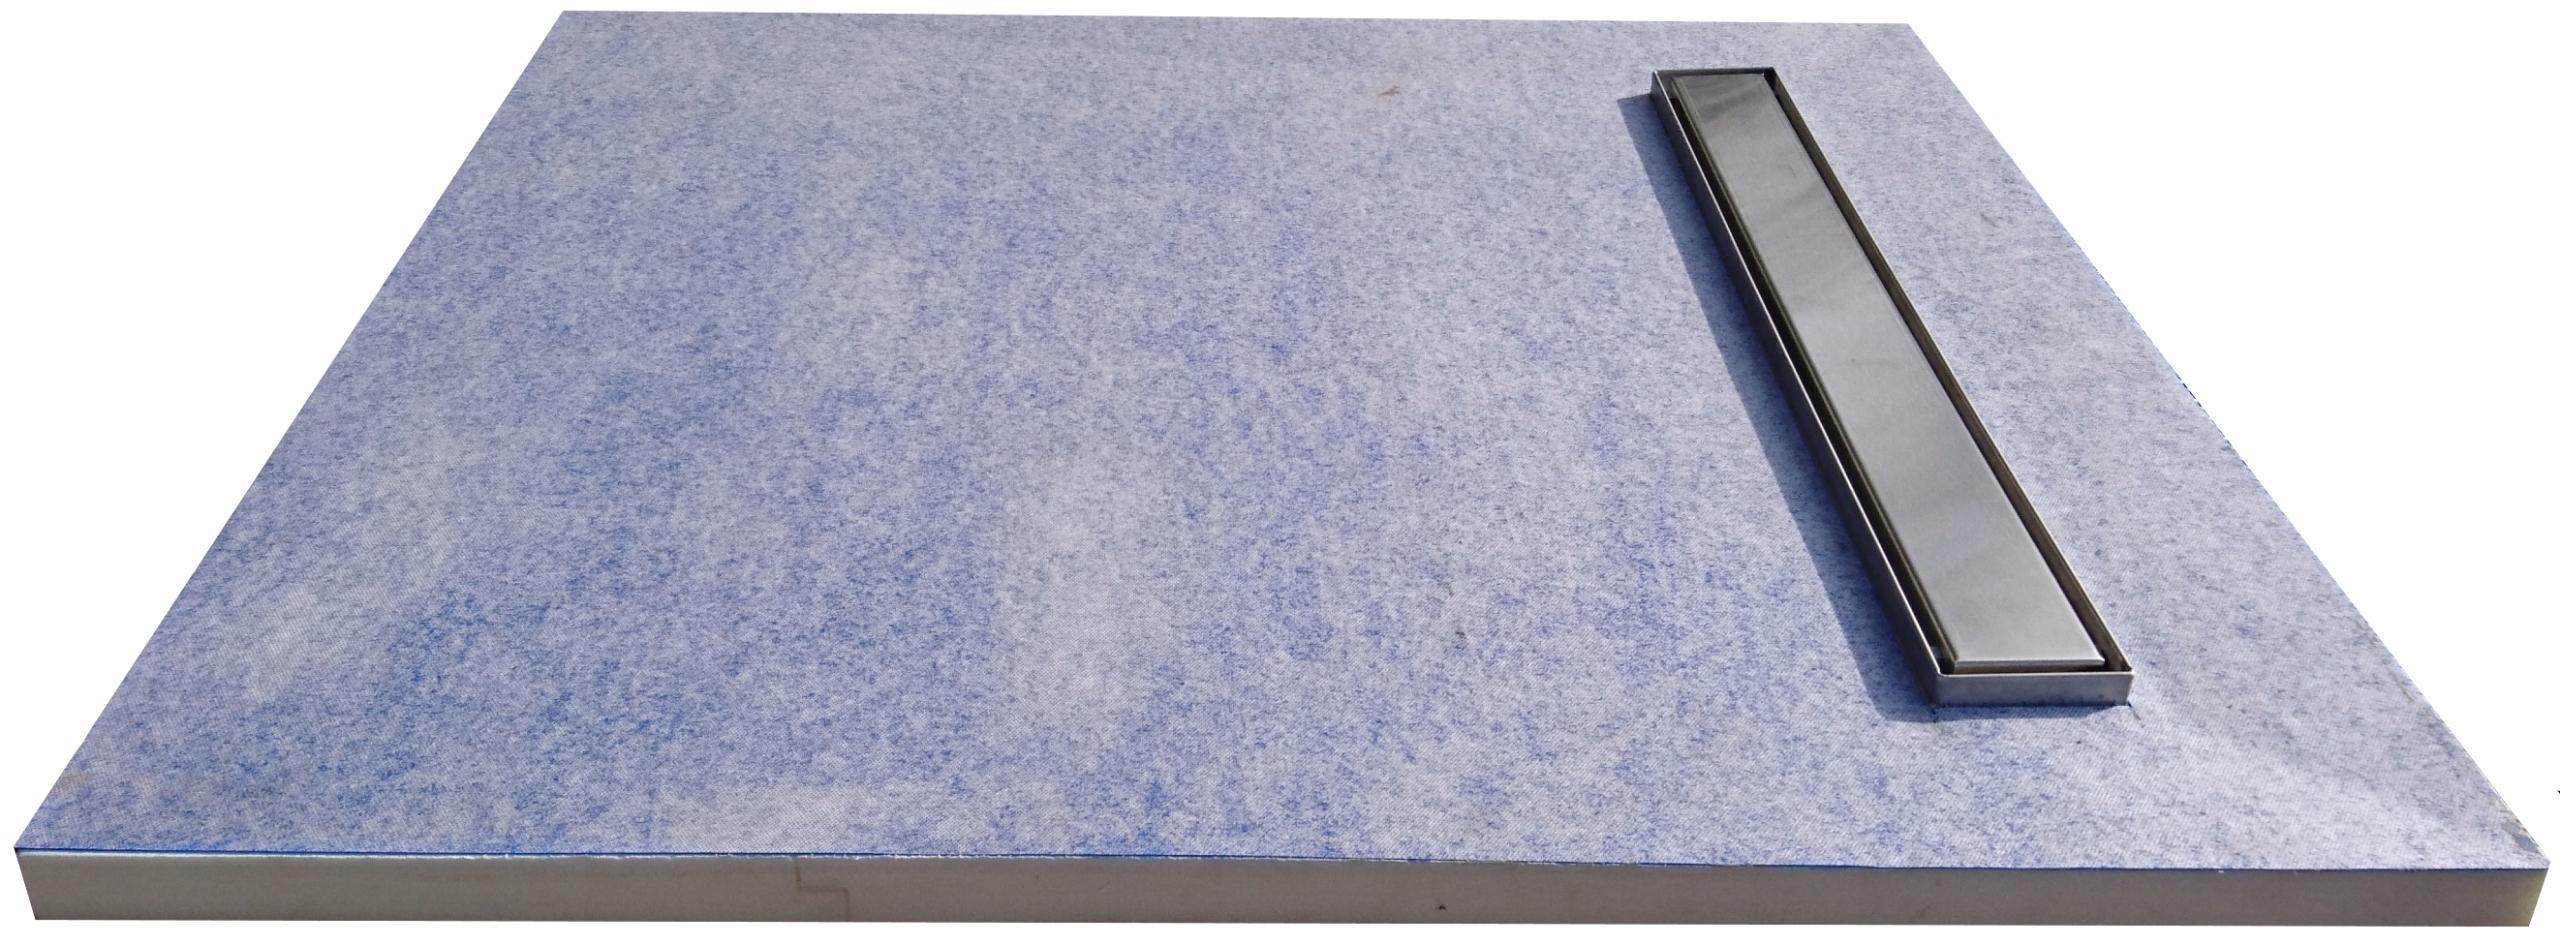 Sprchová vanička pod dlaždice S4 110x110 lineárny odtok 60